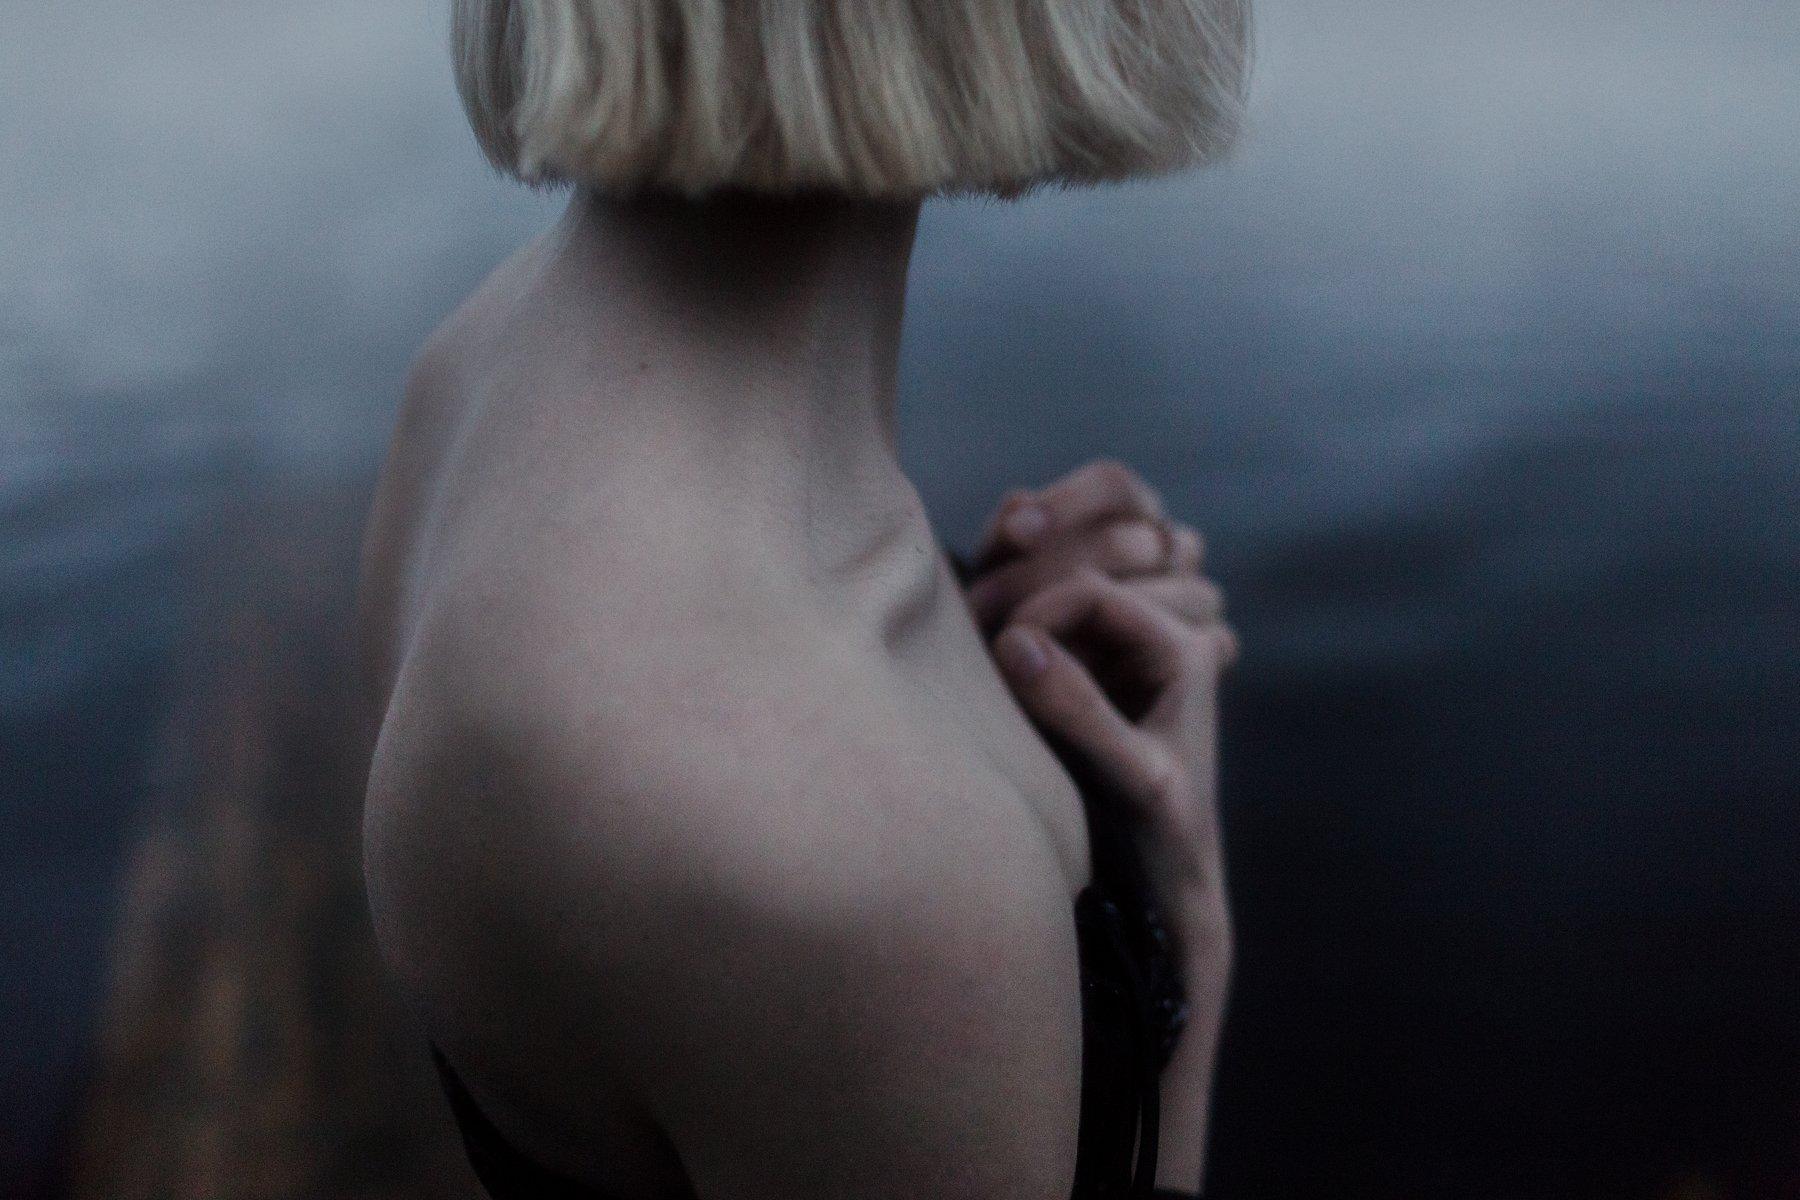 лето, вечер, девушка, река, вода, ночь, причал, красивая, утонченная, блондинка, Dmitry Bastet